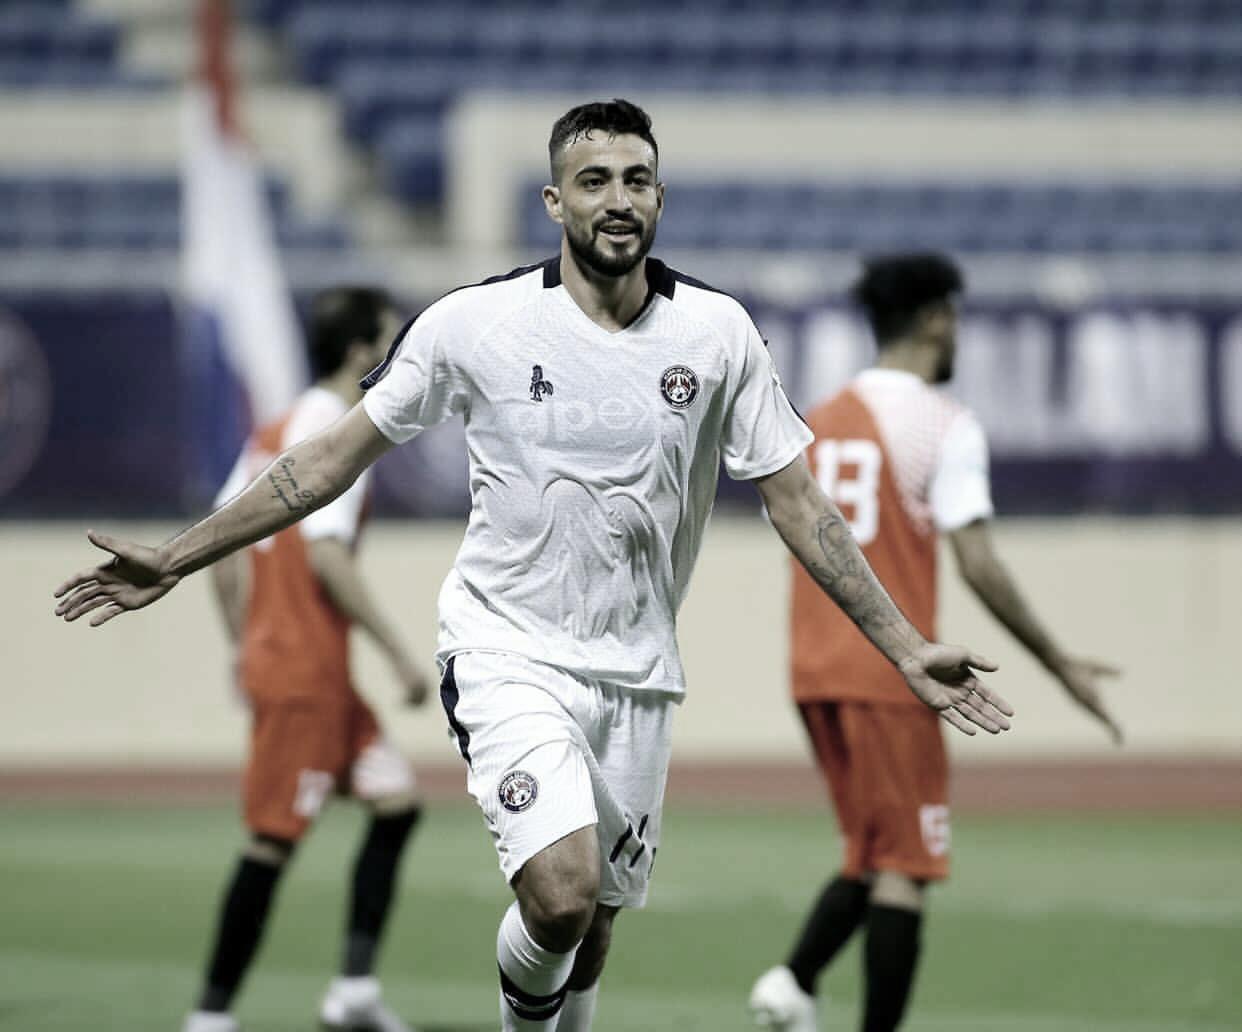 Everton avalia temporada no Al Adalah e espera permanecer no futebol árabe